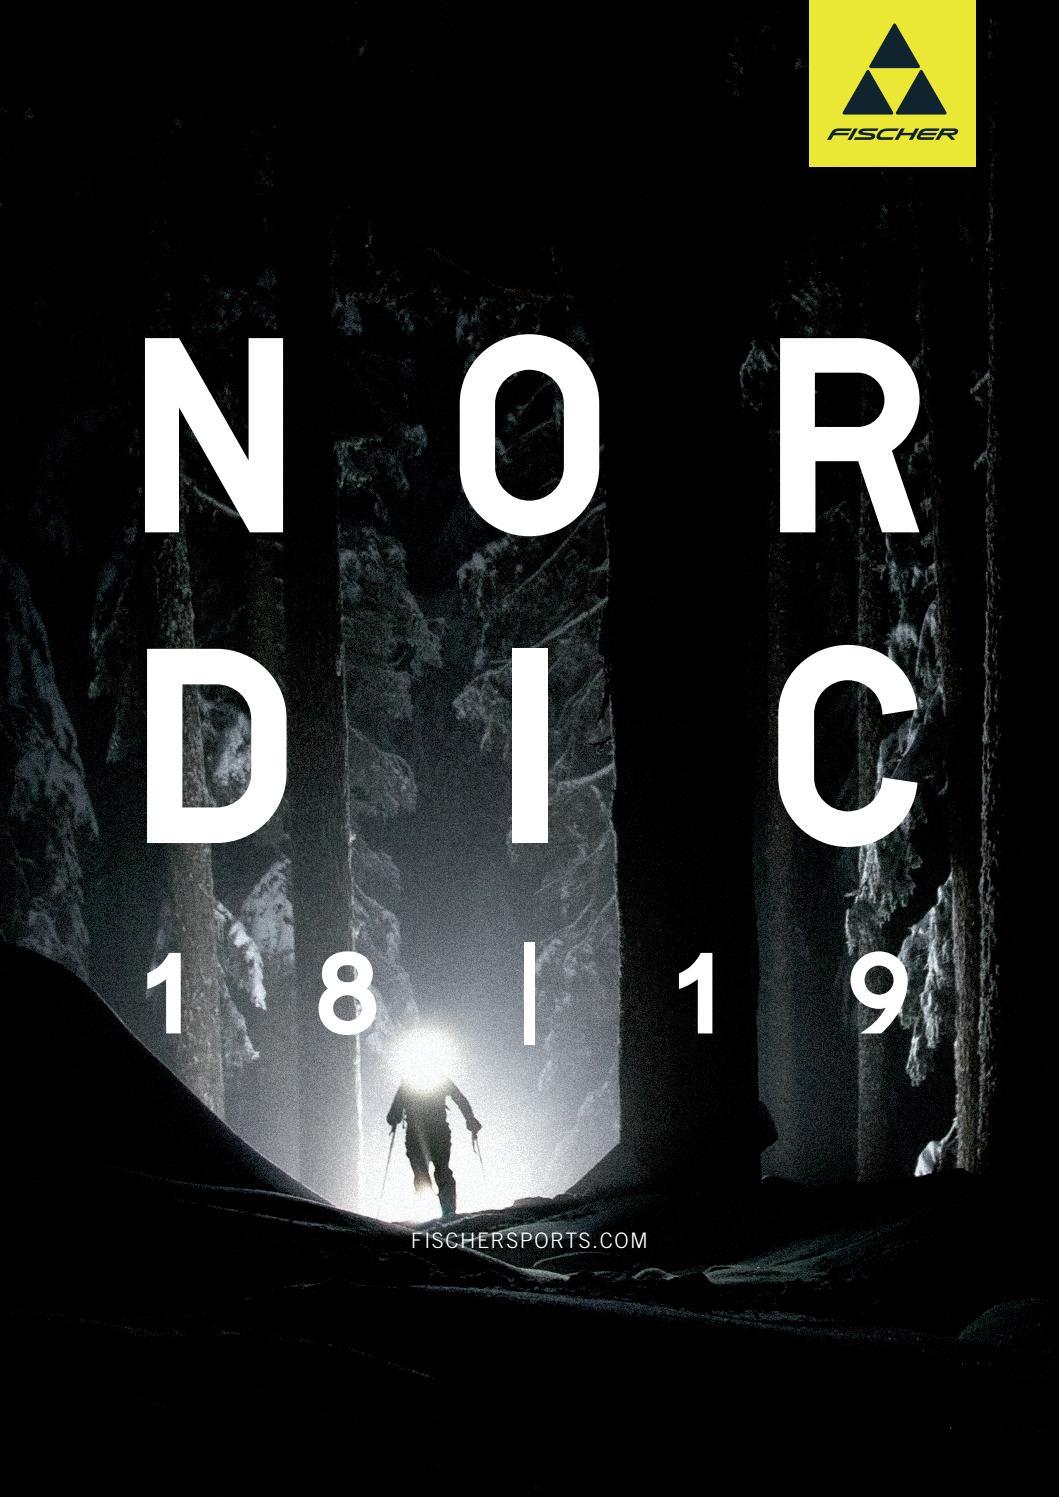 Workbook NORDIC 18|19 – English by Fischer Sports GmbH issuu